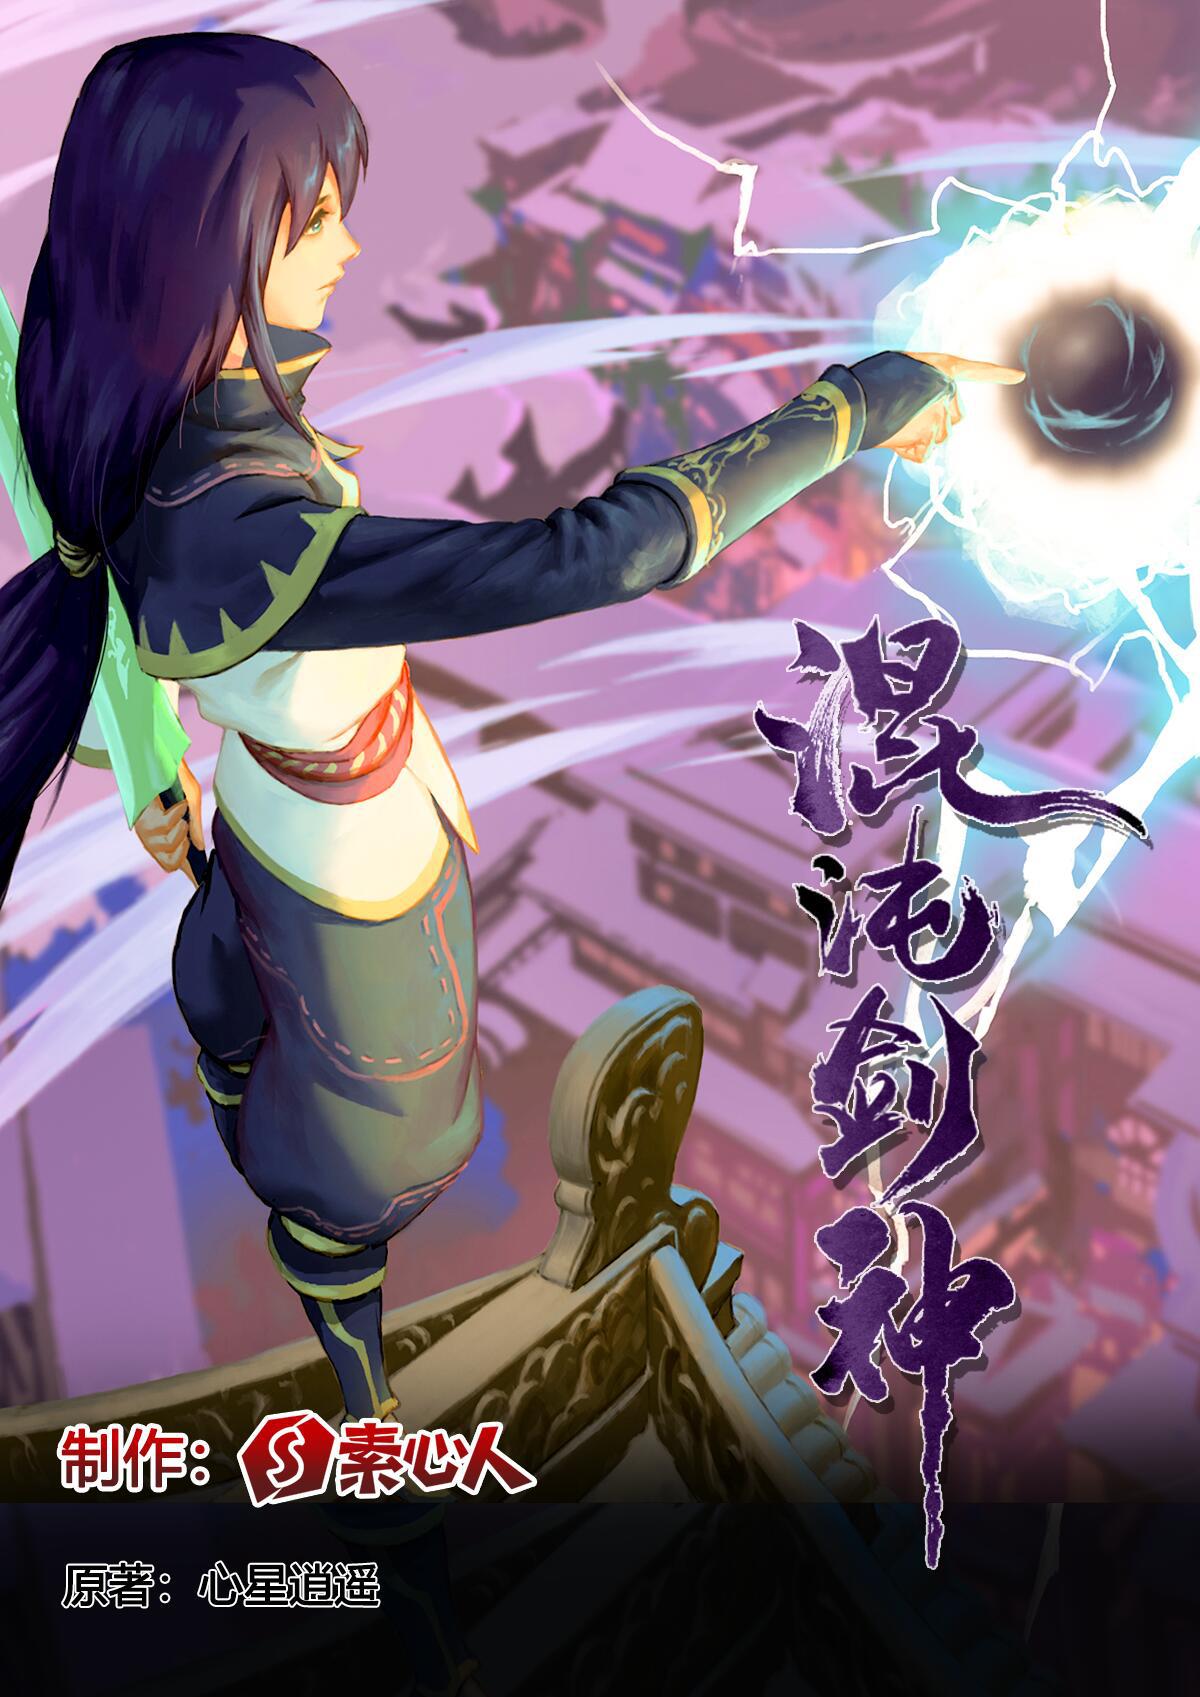 混沌剑神最新下载_《混沌剑神》同名改编漫画 今日独家上线腾讯动漫